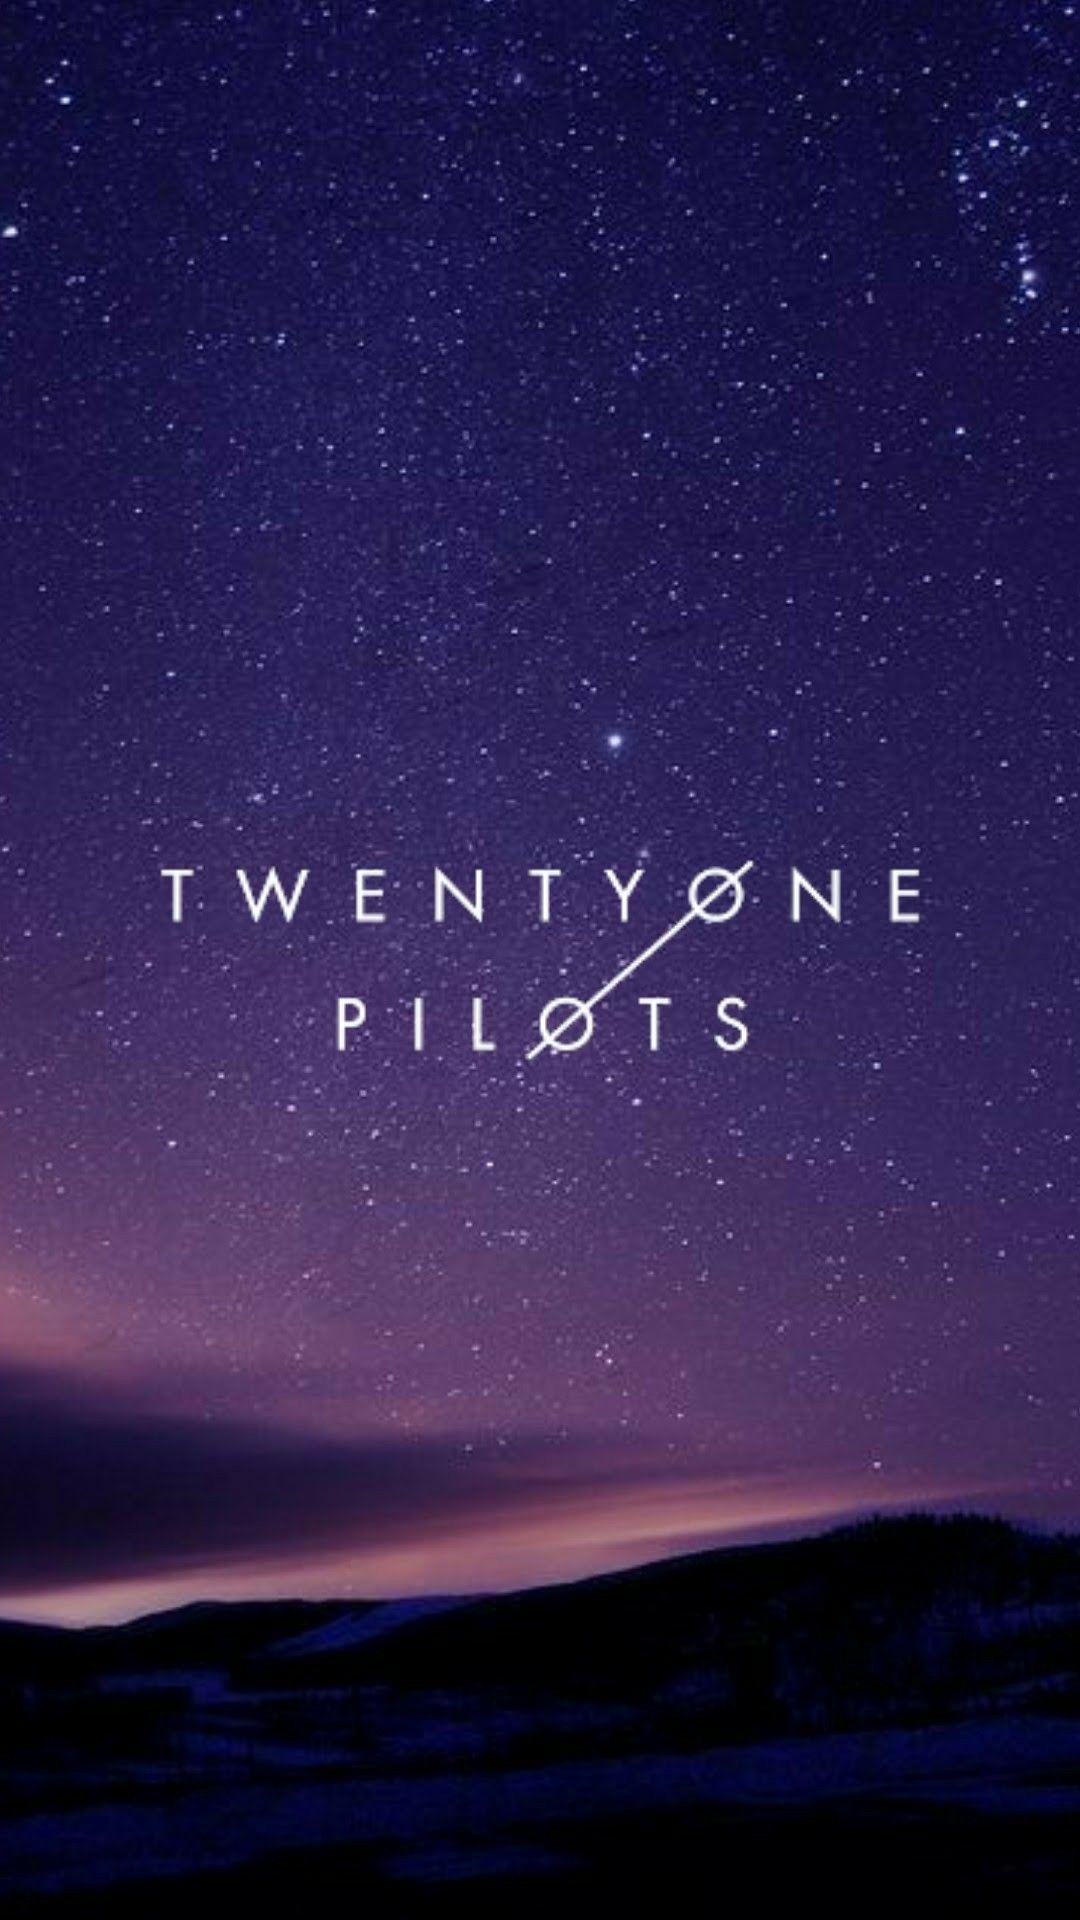 Twenty One Pilots Backgrounds By Camila202414164 Twenty One Pilots Wallpaper Twenty One Pilots Poster Twenty One Pilots